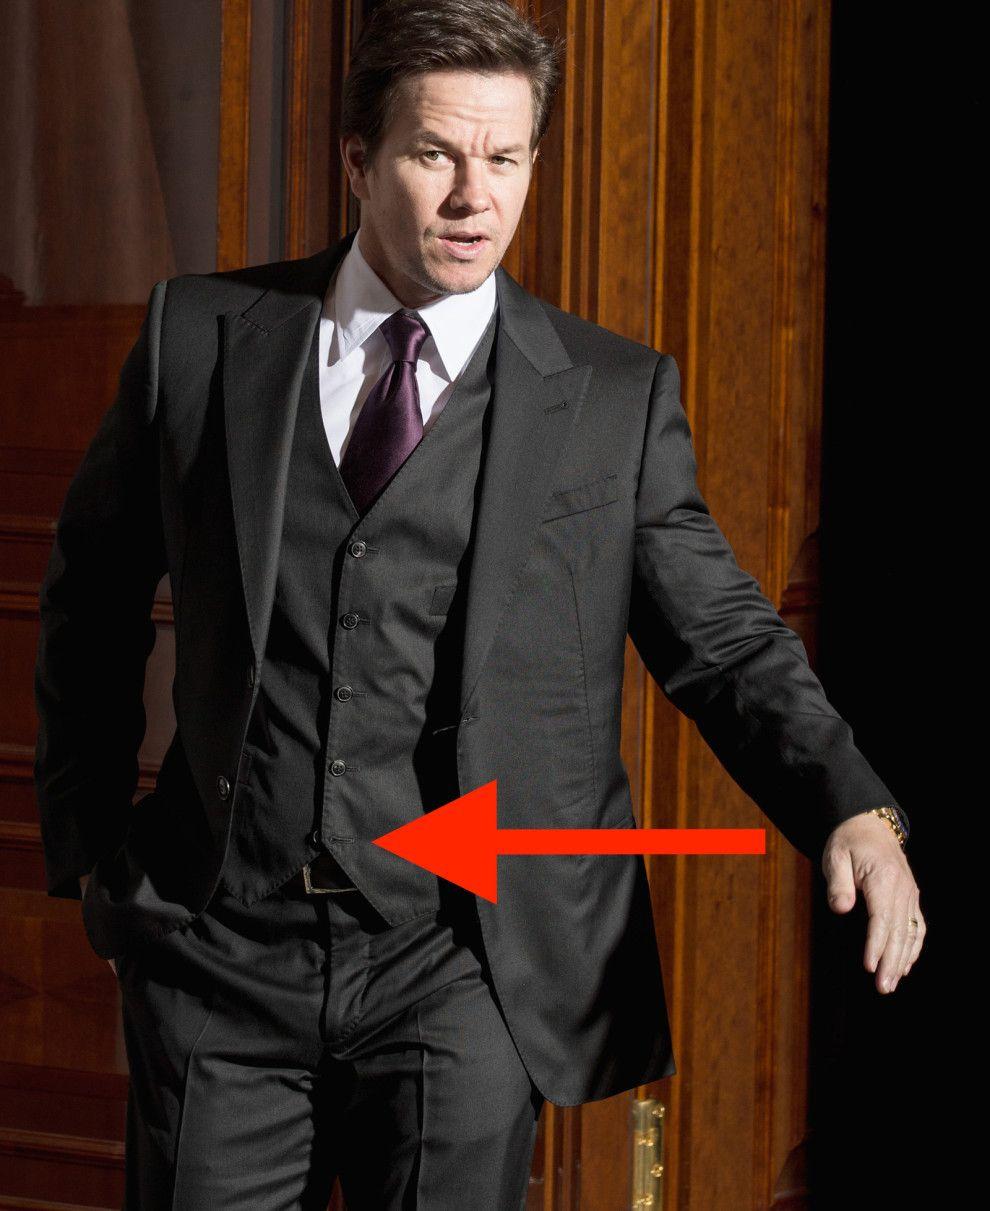 23 Geheimnisse für den perfekten Anzug, über die niemand spricht